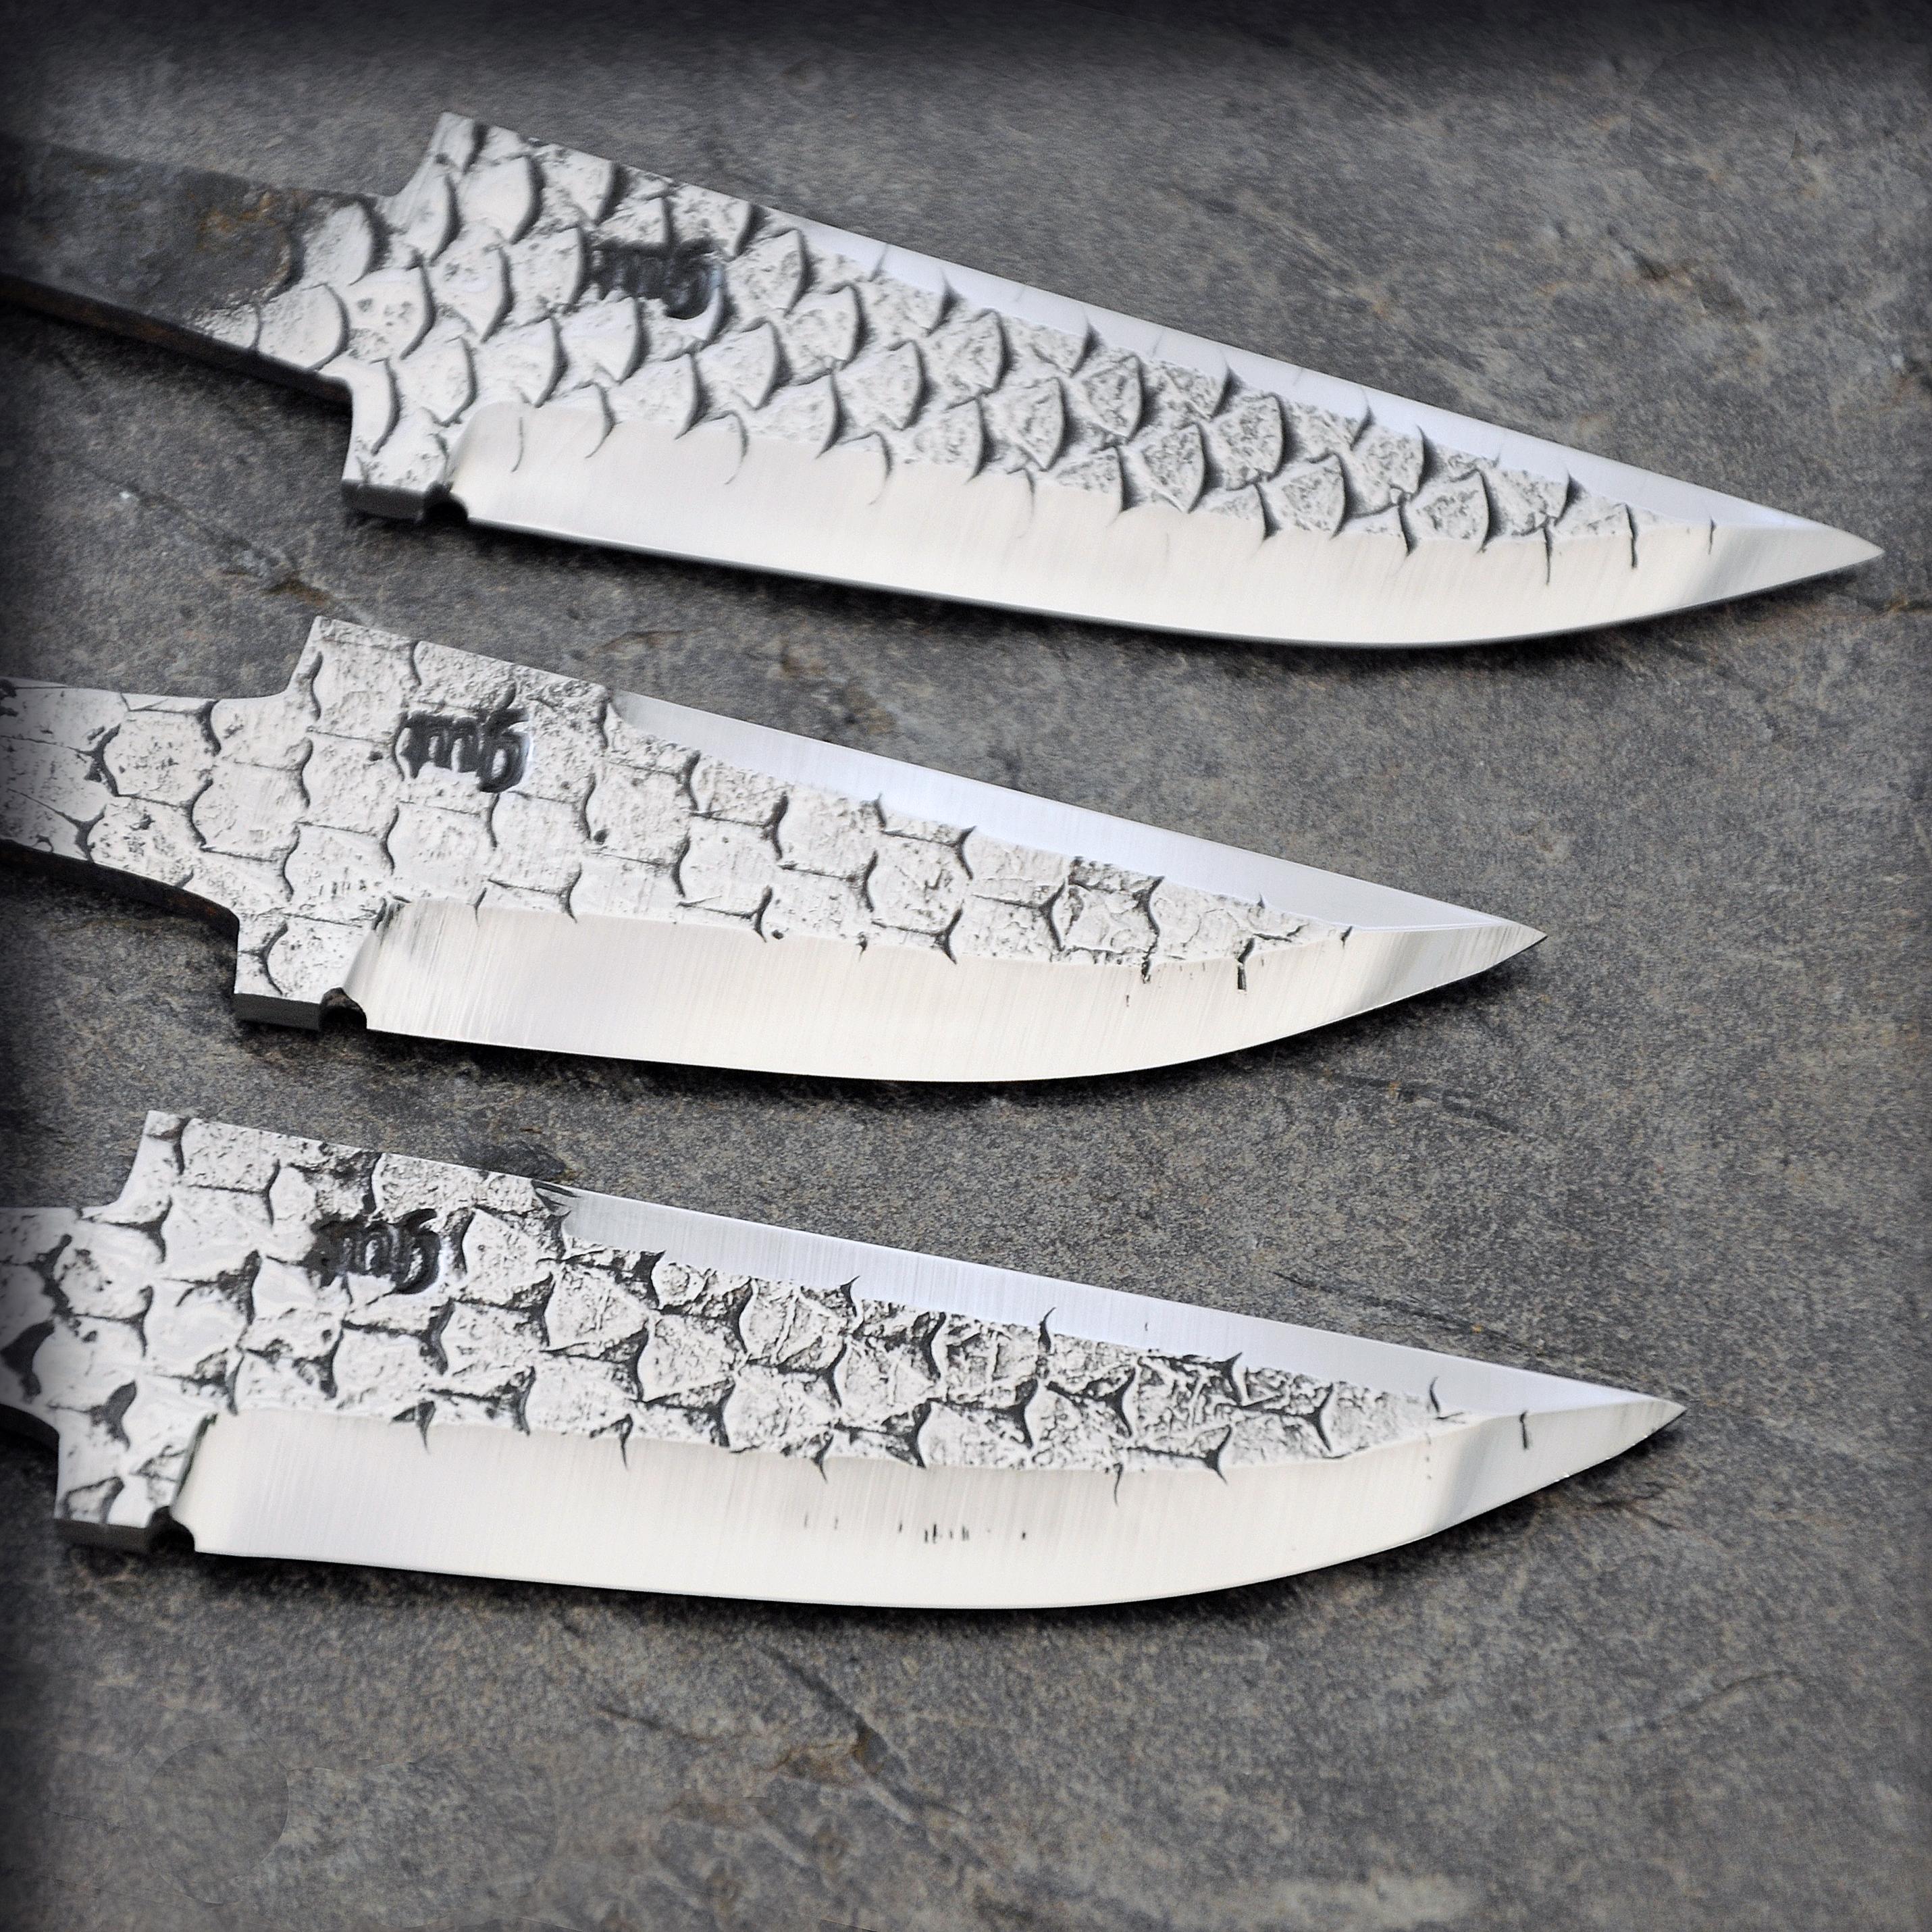 Knivblad av hovrasp